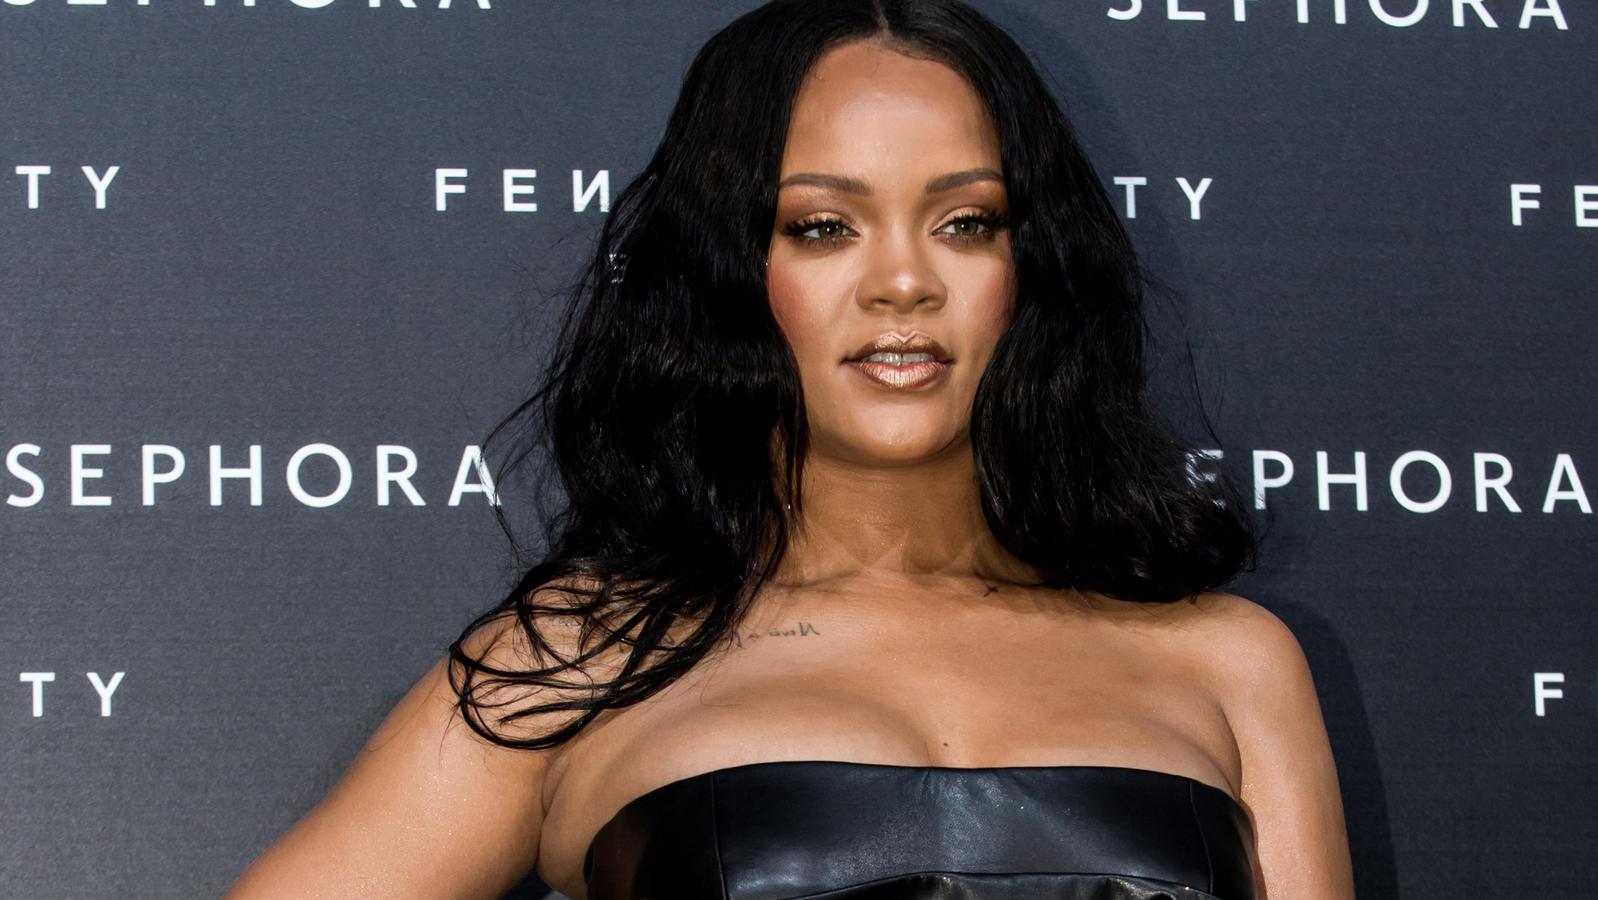 Für ihre neue Dessous-Linie zeigt sich Rihanna jetzt von ihrer besonders verführerischen Seite.